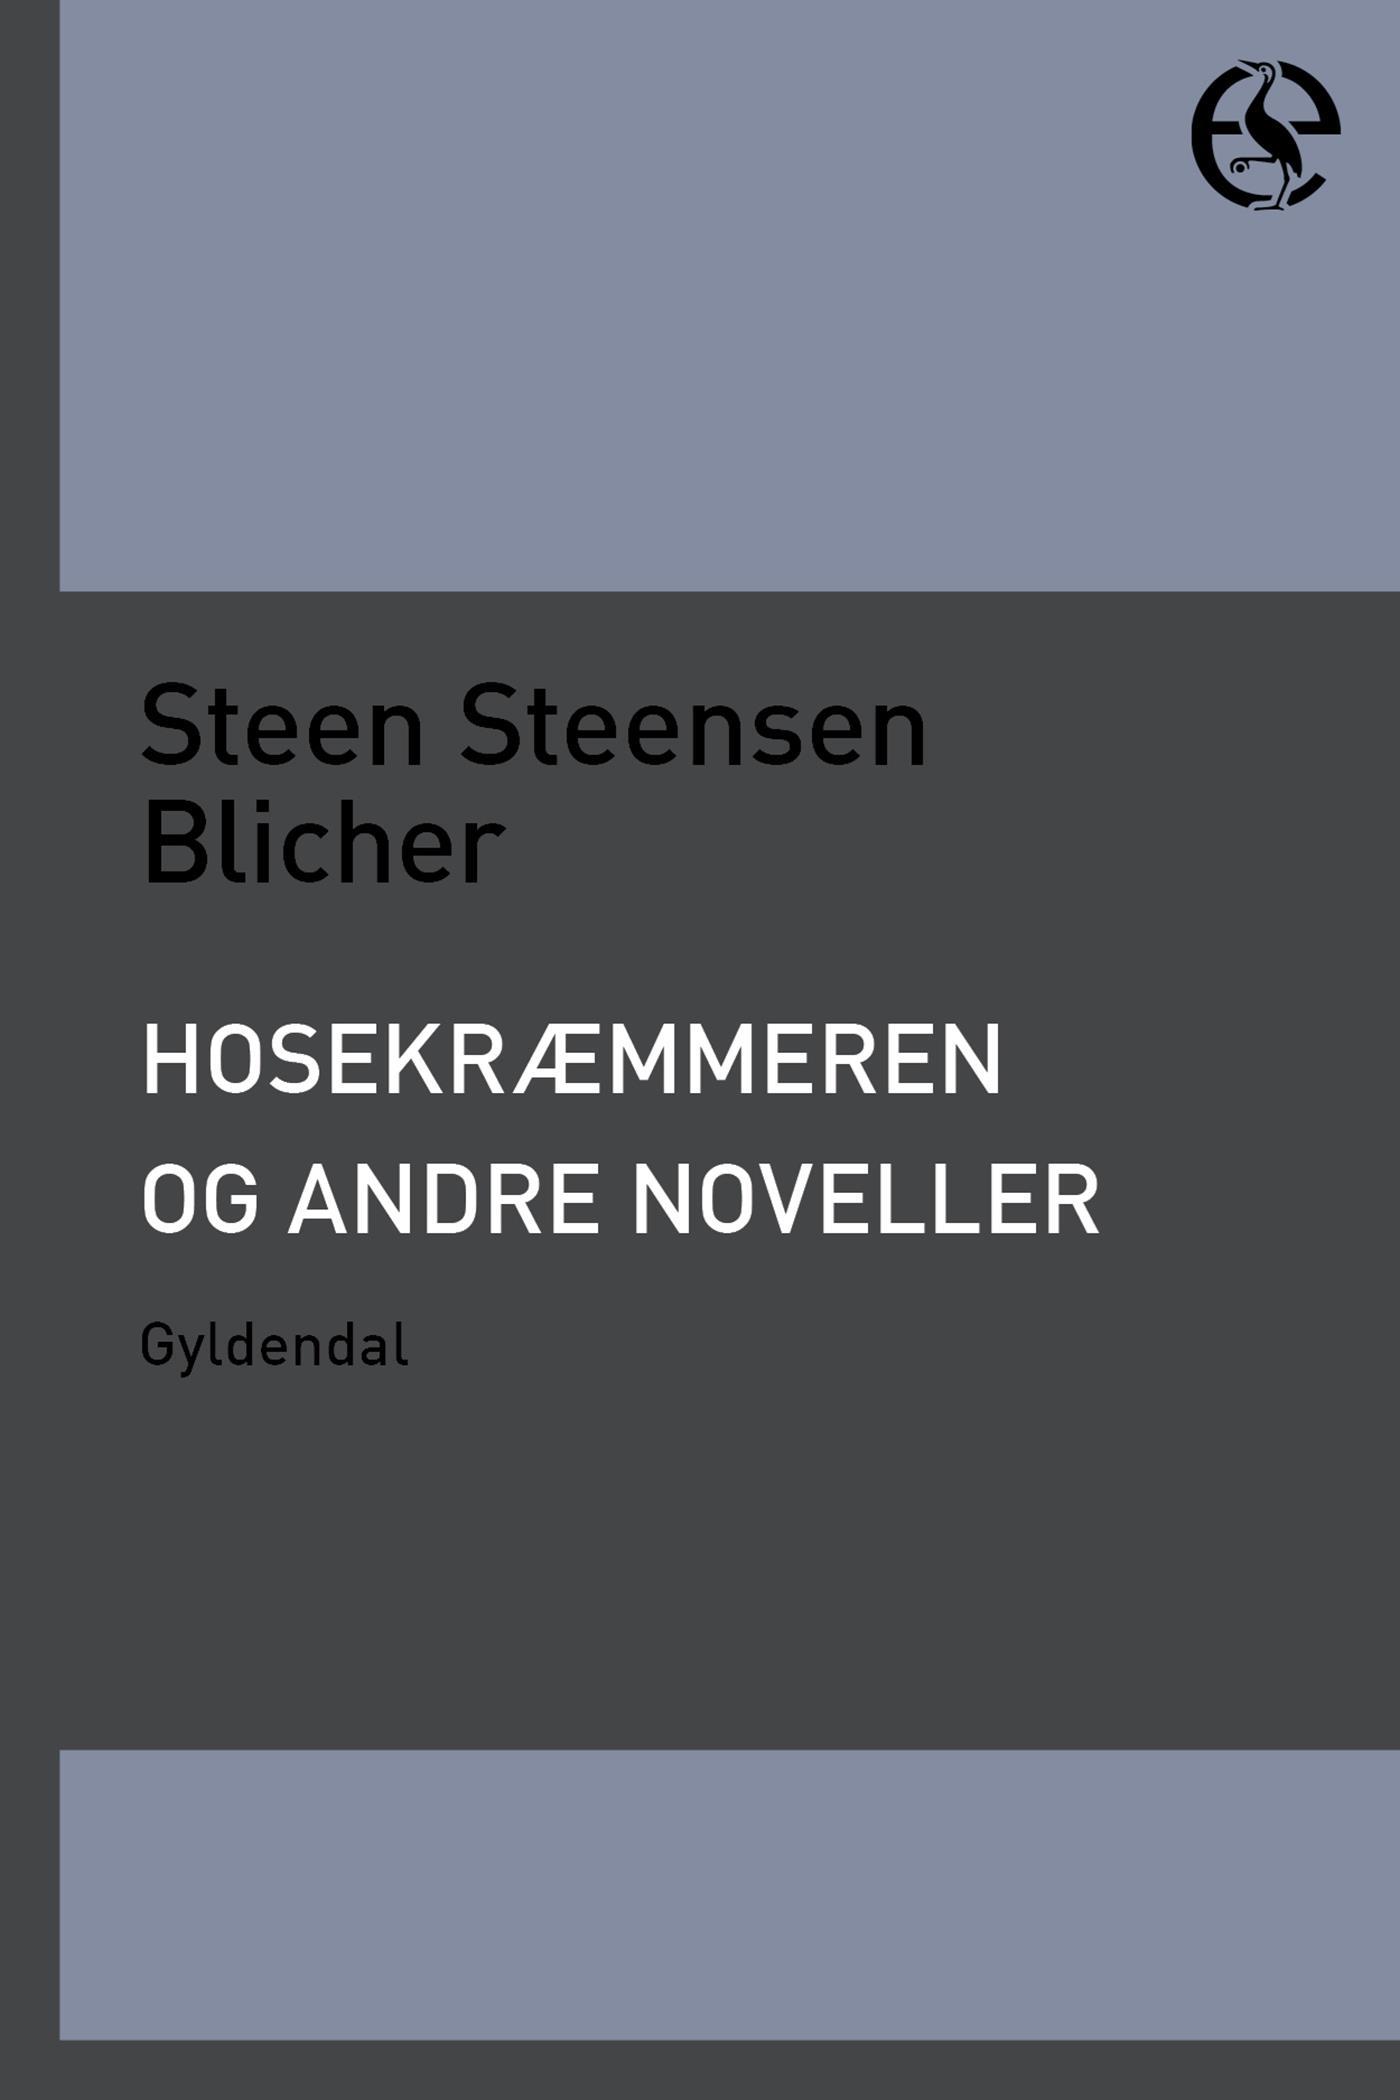 Hosekræmmeren og andre noveller - e-bog fra N/A på bog & mystik